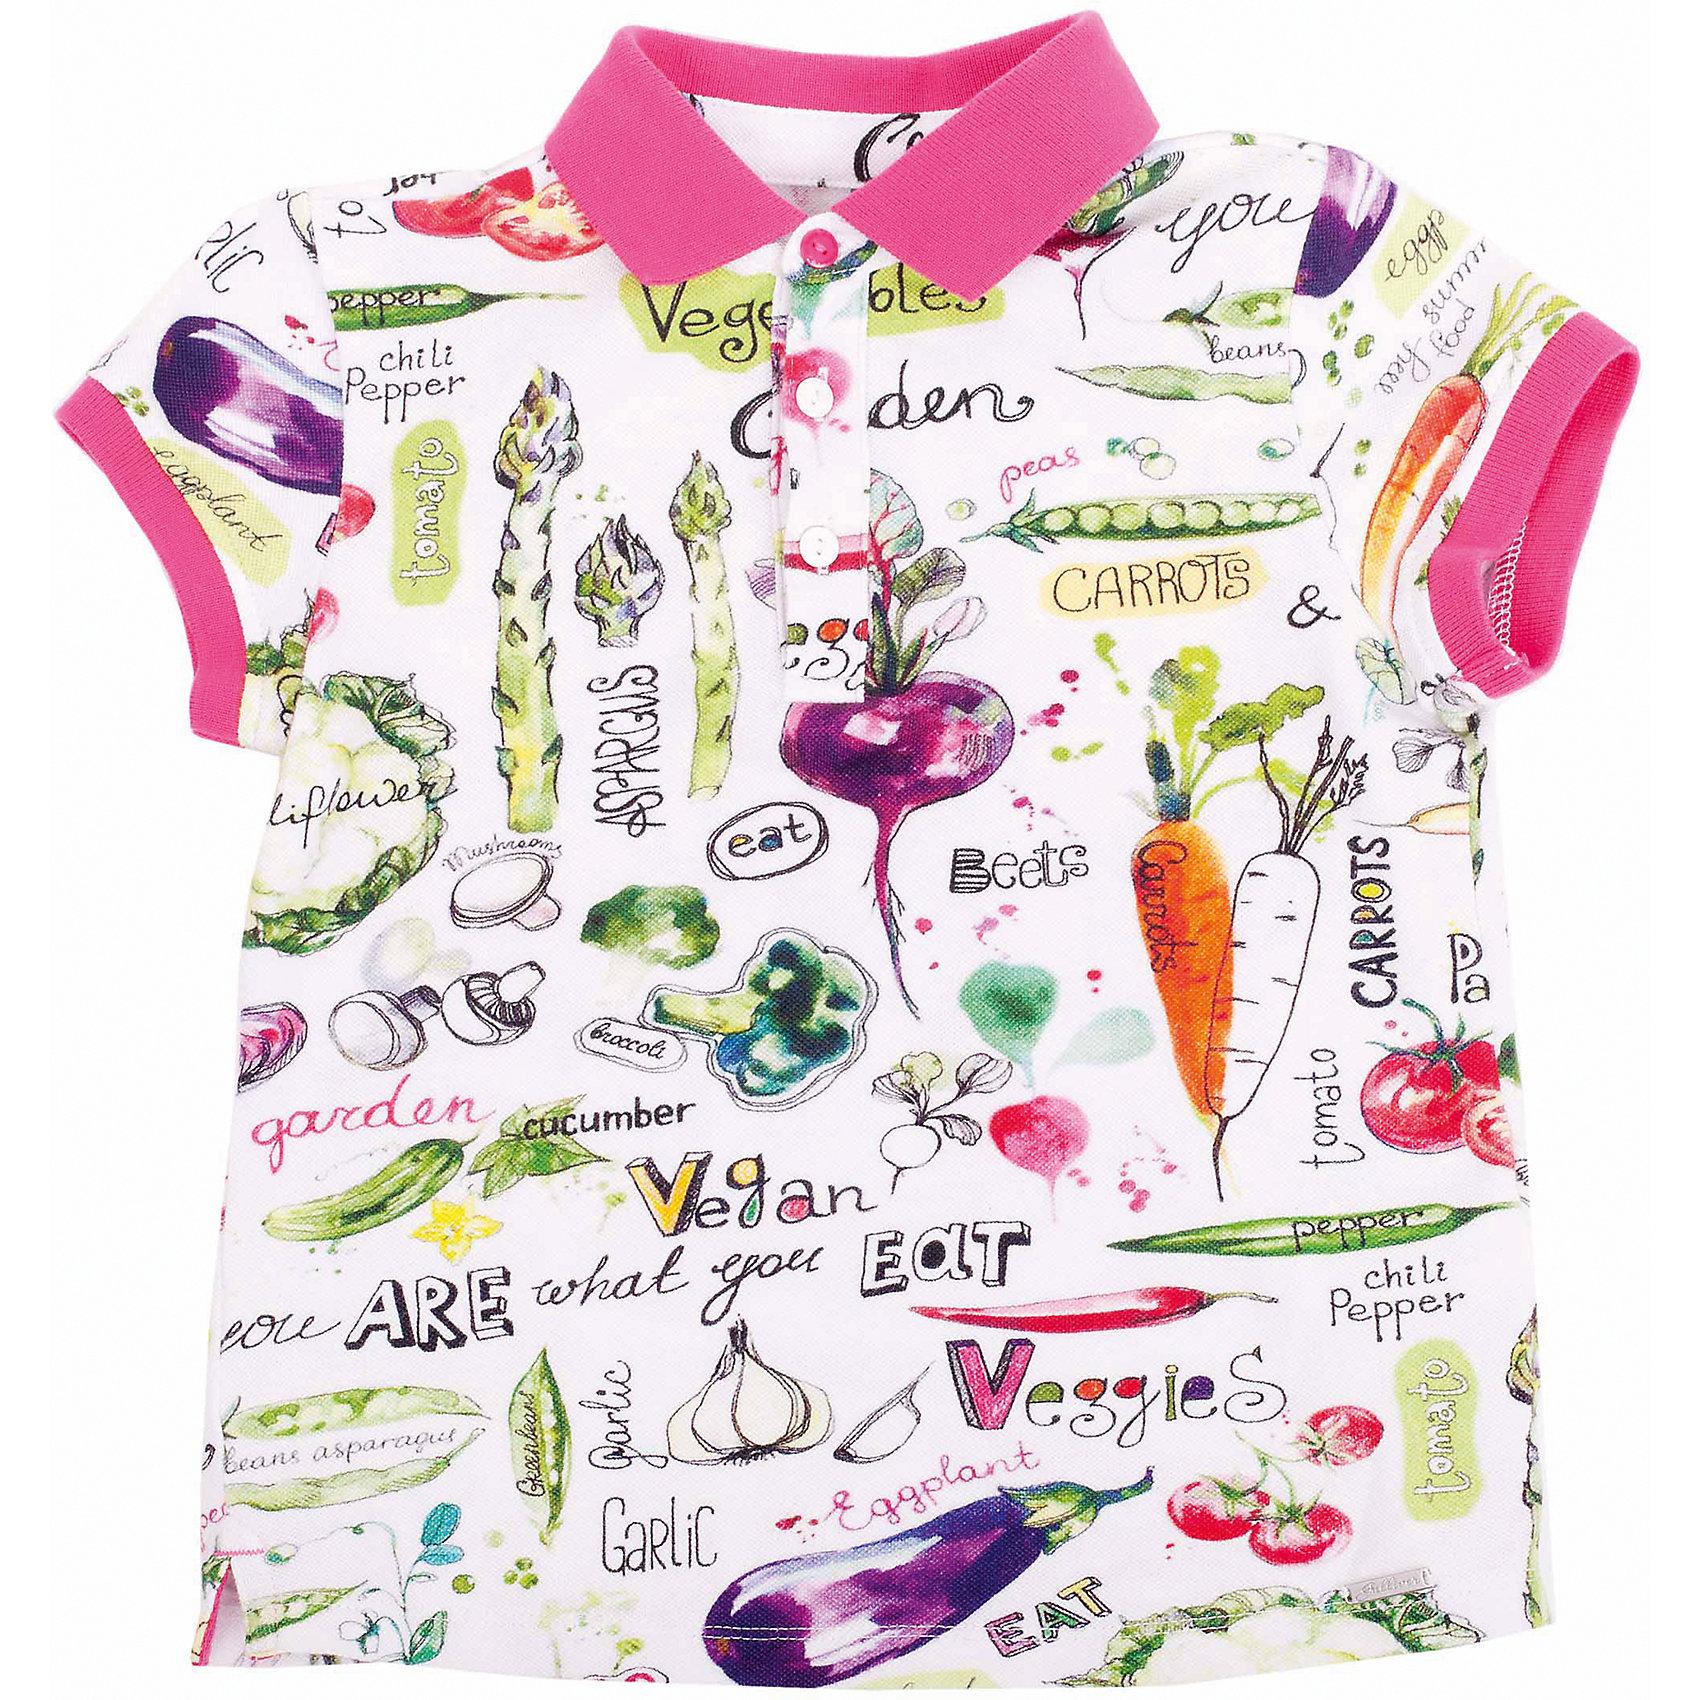 Футболка-поло для девочки GulliverСтильное поло с коротким рукавом – отличное решение для каждого дня лета! Поло для девочки выполнено из пике с модным оригинальным рисунком! Приобретая футболку поло, вы решаете несколько задач - покупаете качественную брендовую вещь, а также добавляете в летний гардероб ребенка яркие индивидуальные черты!<br>Состав:<br>95% хлопок      5% эластан<br><br>Ширина мм: 199<br>Глубина мм: 10<br>Высота мм: 161<br>Вес г: 151<br>Цвет: разноцветный<br>Возраст от месяцев: 72<br>Возраст до месяцев: 84<br>Пол: Женский<br>Возраст: Детский<br>Размер: 122,110,104,116,98<br>SKU: 4534497